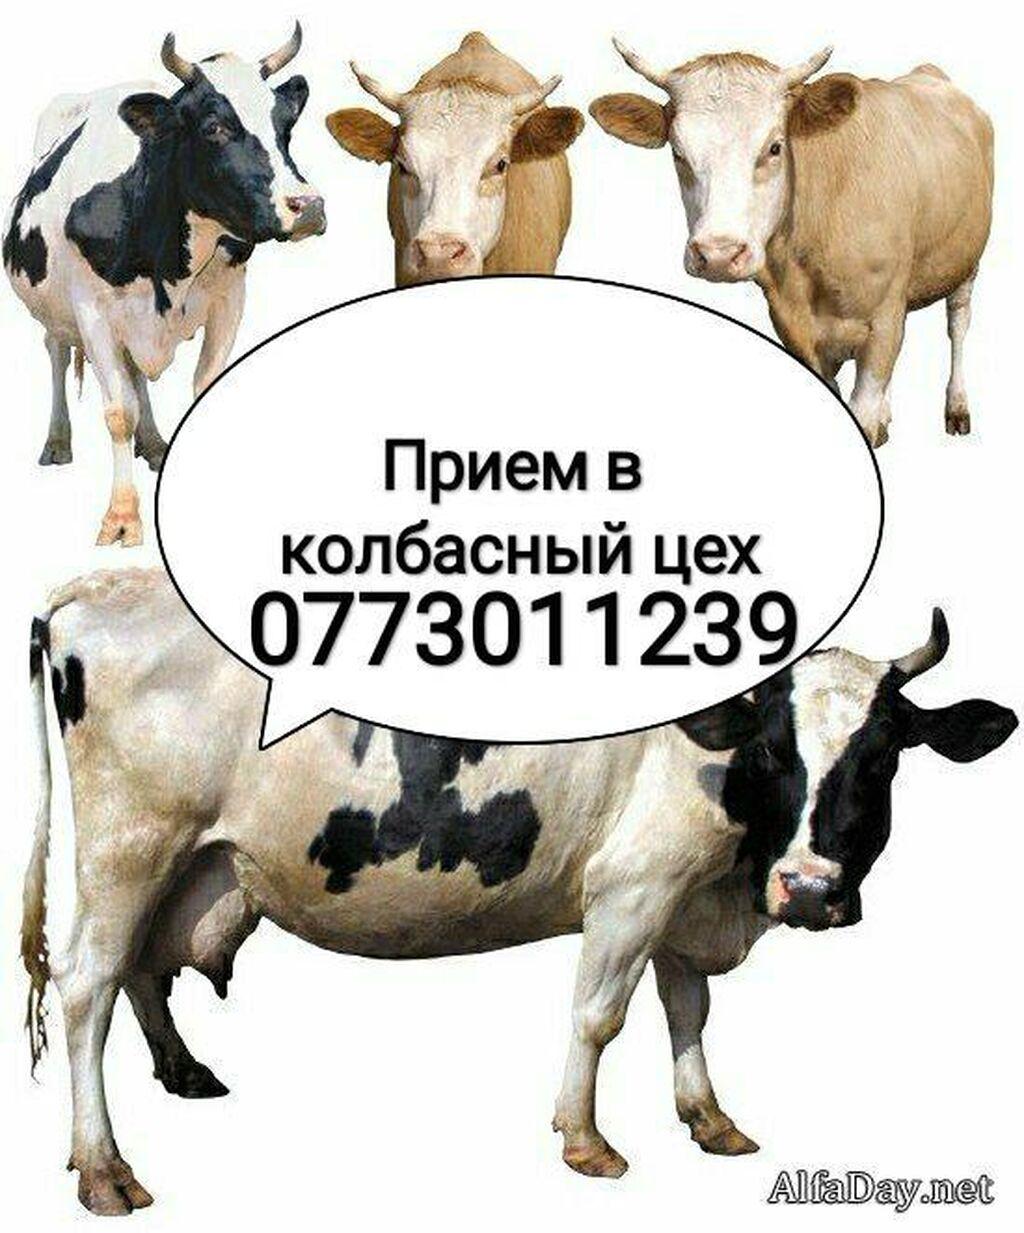 Принимаем в колбасный цех скот любой упитанности и возраста. В любое   Объявление создано 22 Октябрь 2020 06:41:11: Принимаем в колбасный цех скот любой упитанности и возраста. В любое